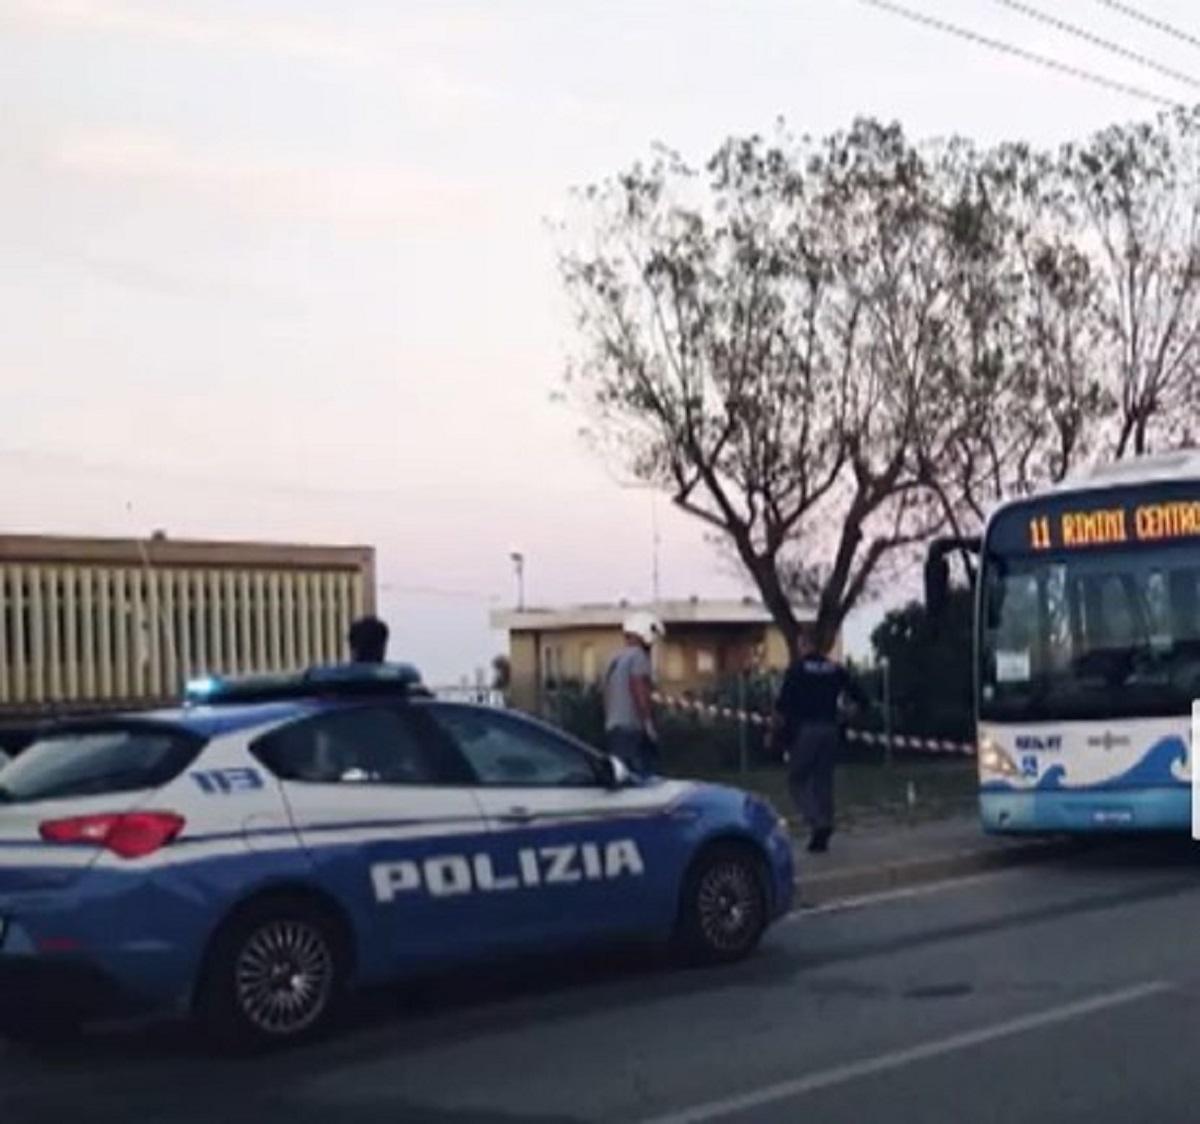 Rimini aggressore somalo biglietto coltello 5 feriti